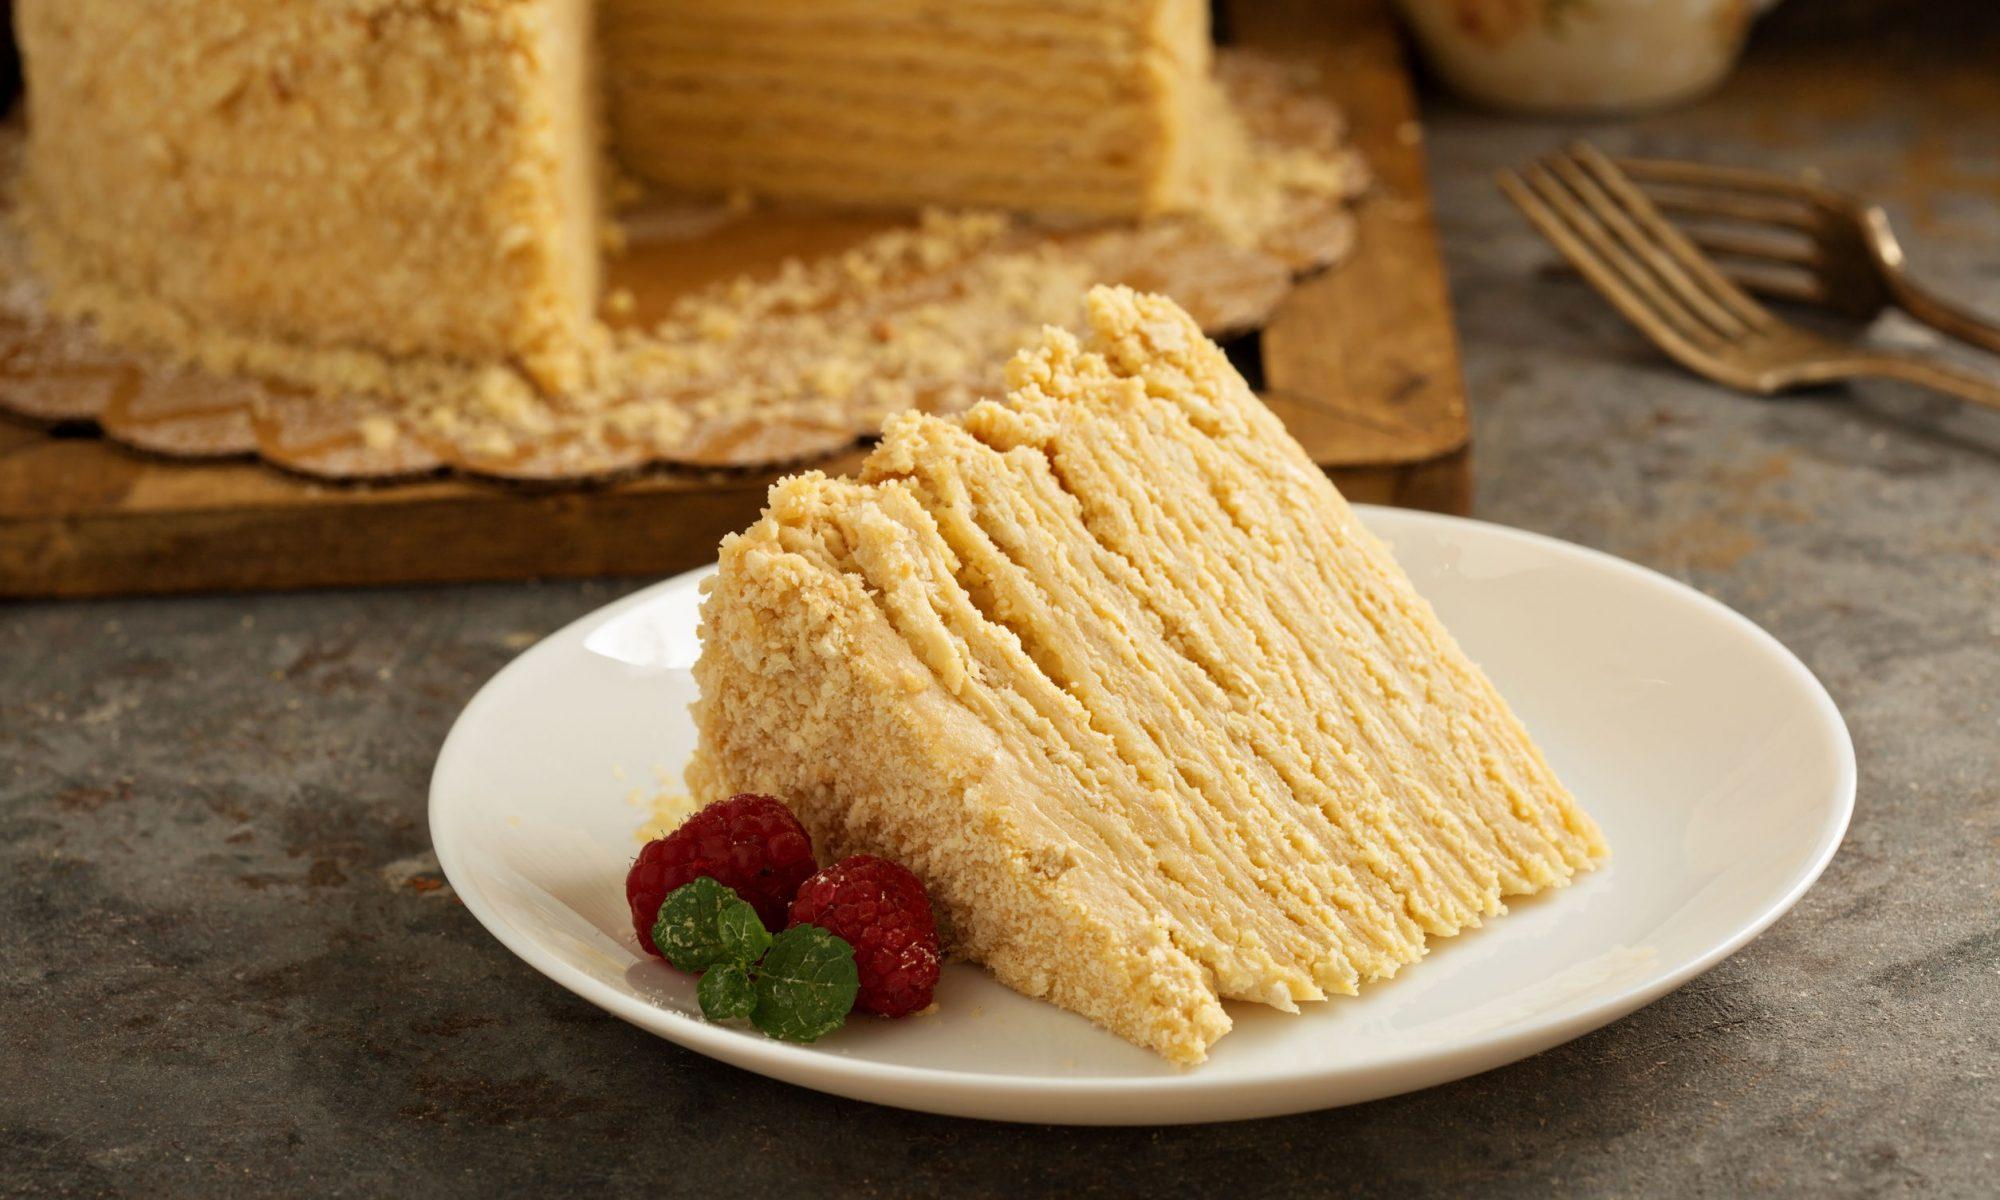 Слоеный торт: делаем необычный торт вместе!